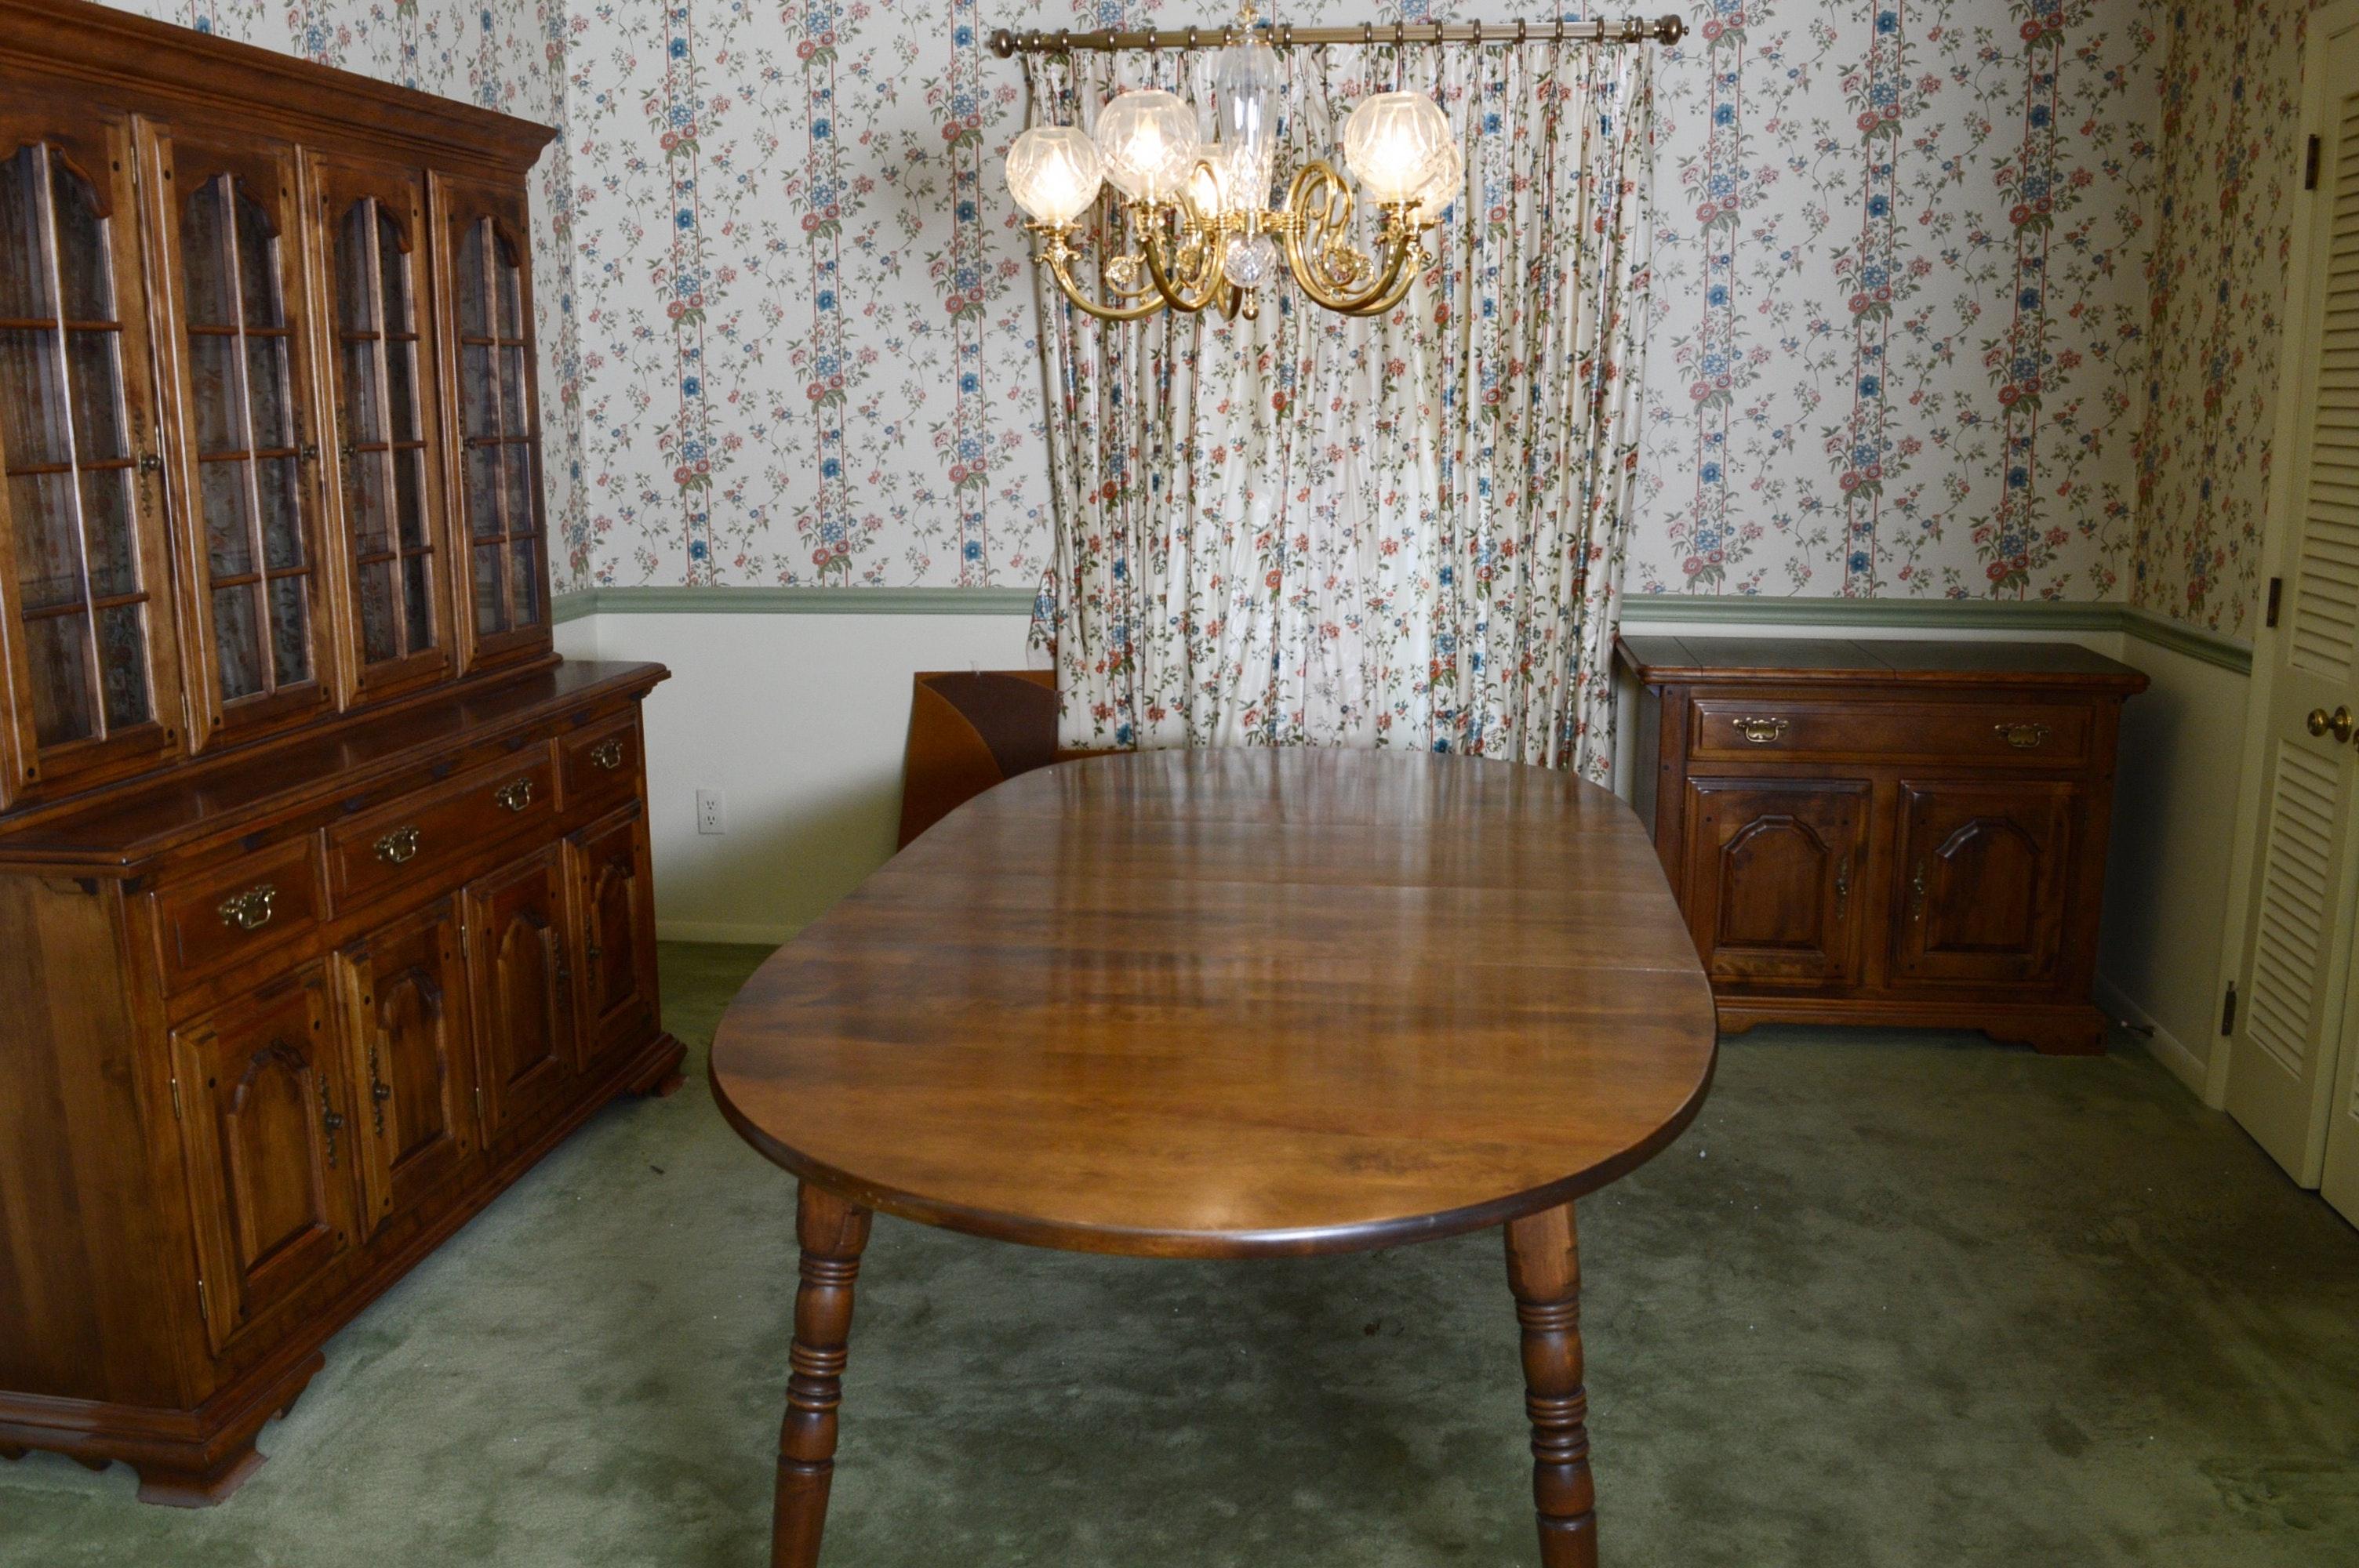 Vintage Temple-Stuart 3 piece Dining Set